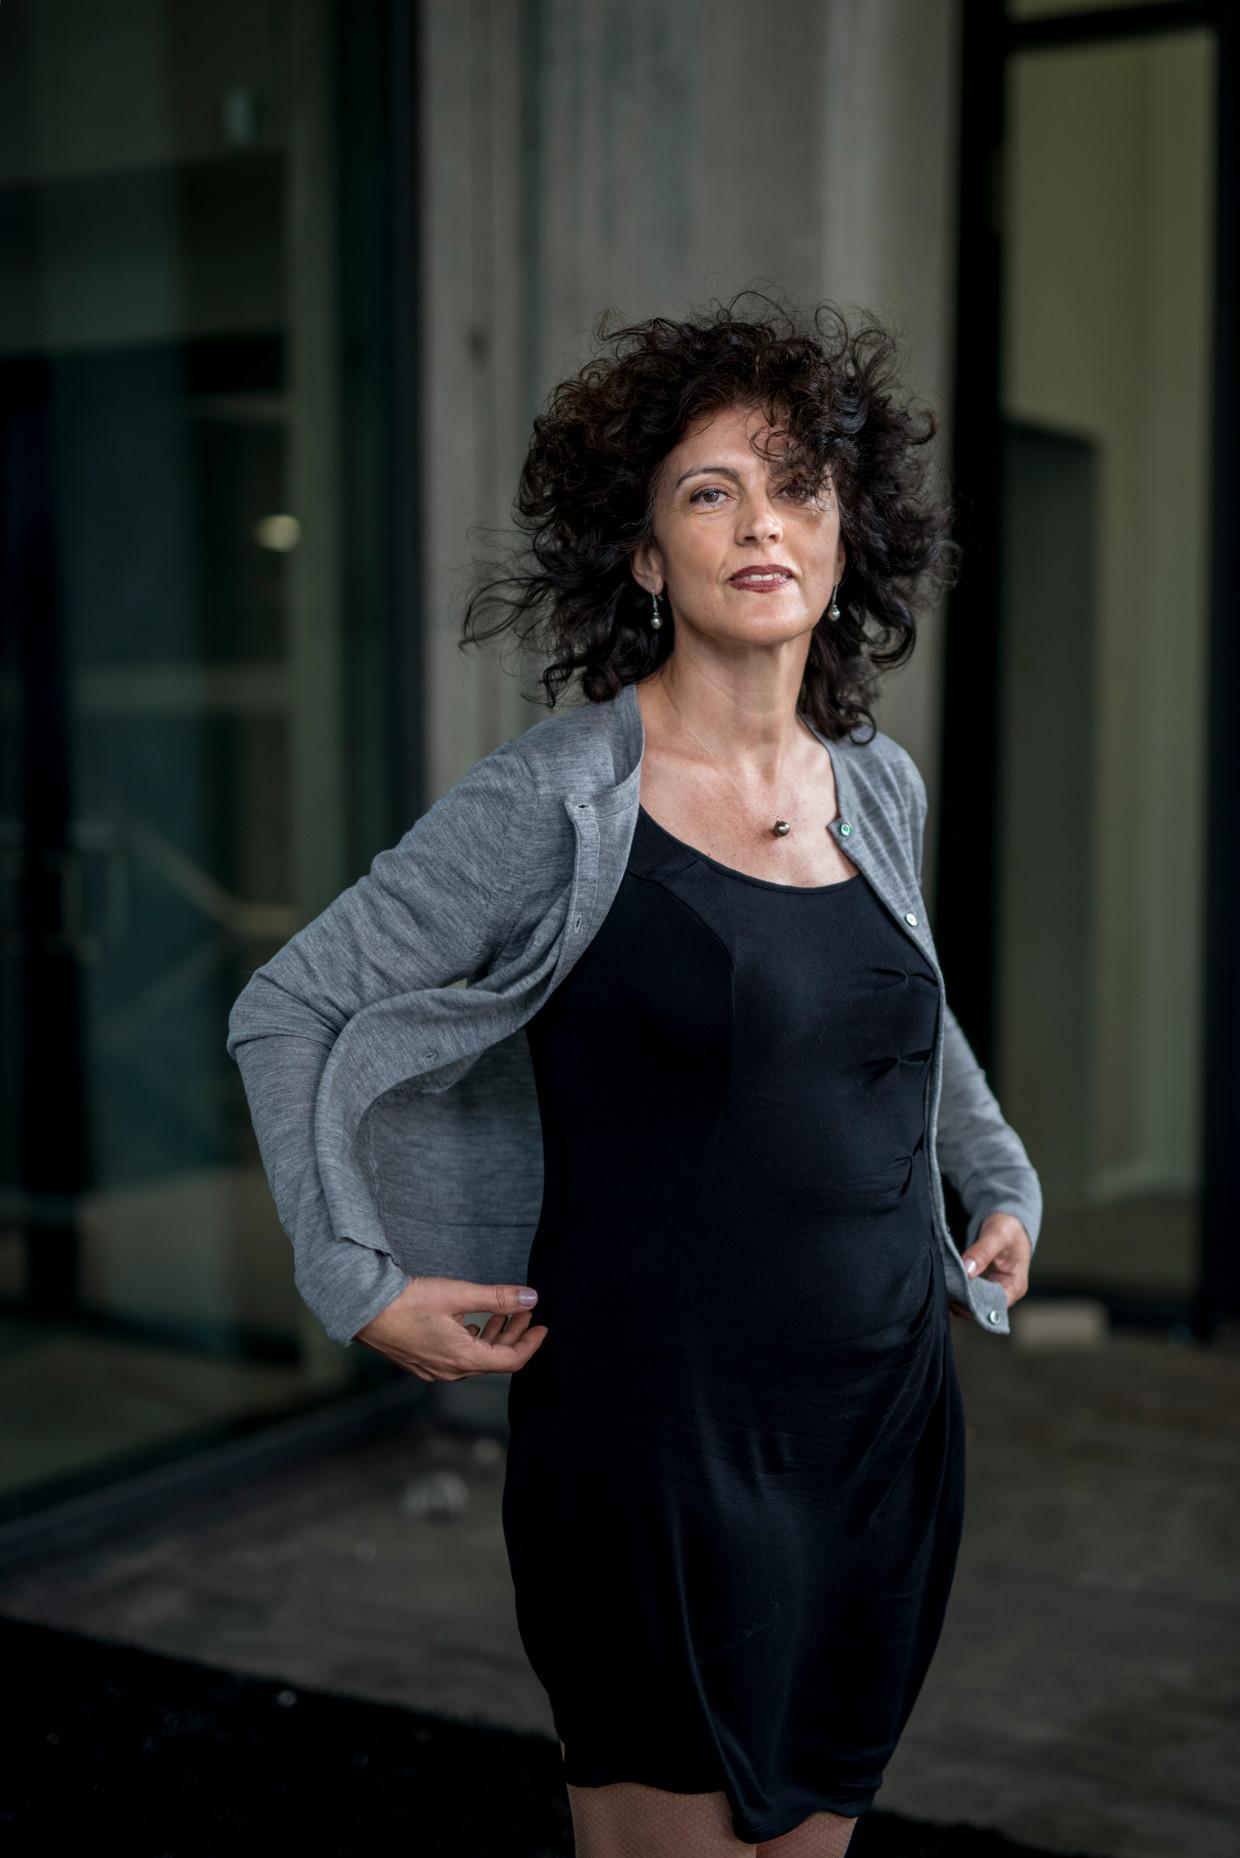 'Met meer vrouwelijke rolmodellen houden we talent binnenboord.' Beeld Linelle Deunk